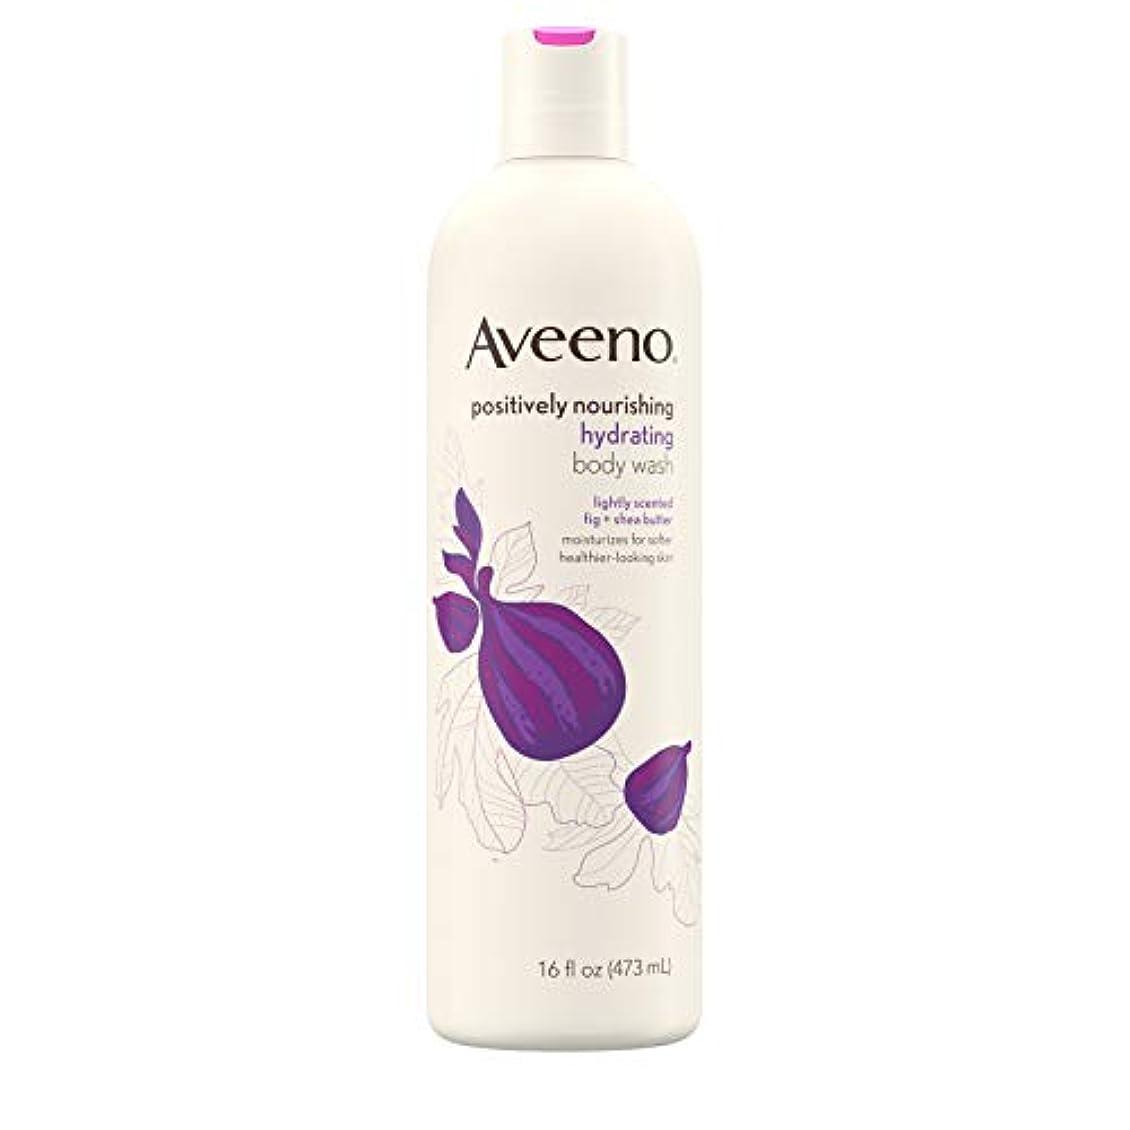 略すよく話される滑るNew Aveeno Positively Nourishing New Aveeno Ultra Hydrating Body Wash, 470ml